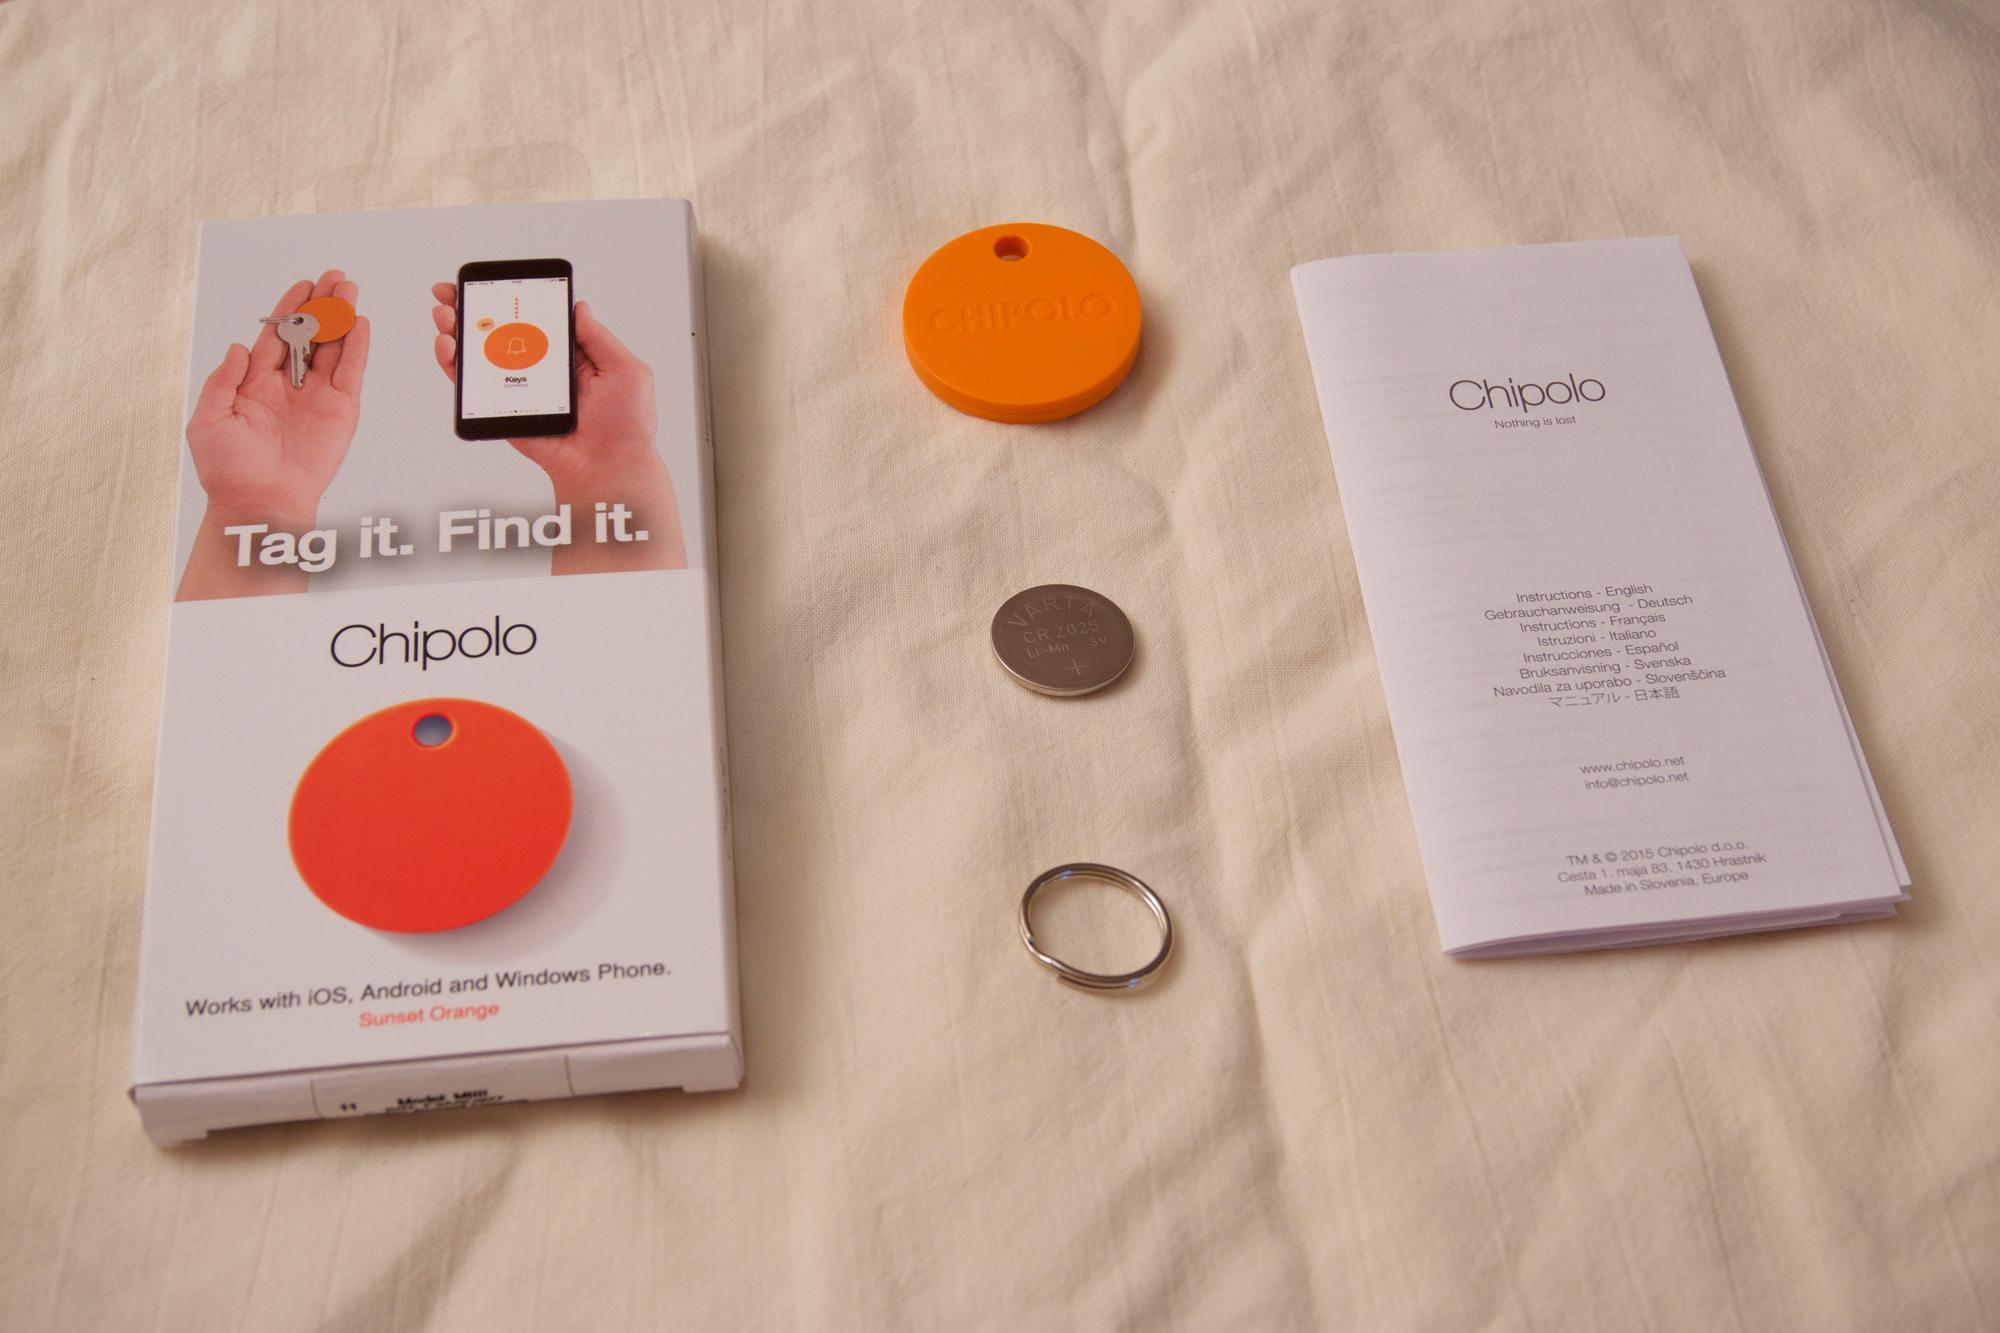 Innholdet i Chipolo-pakken: boks, brukerhåndbok, ekstra batteri, nøkkelring og Chipolo-brikken.